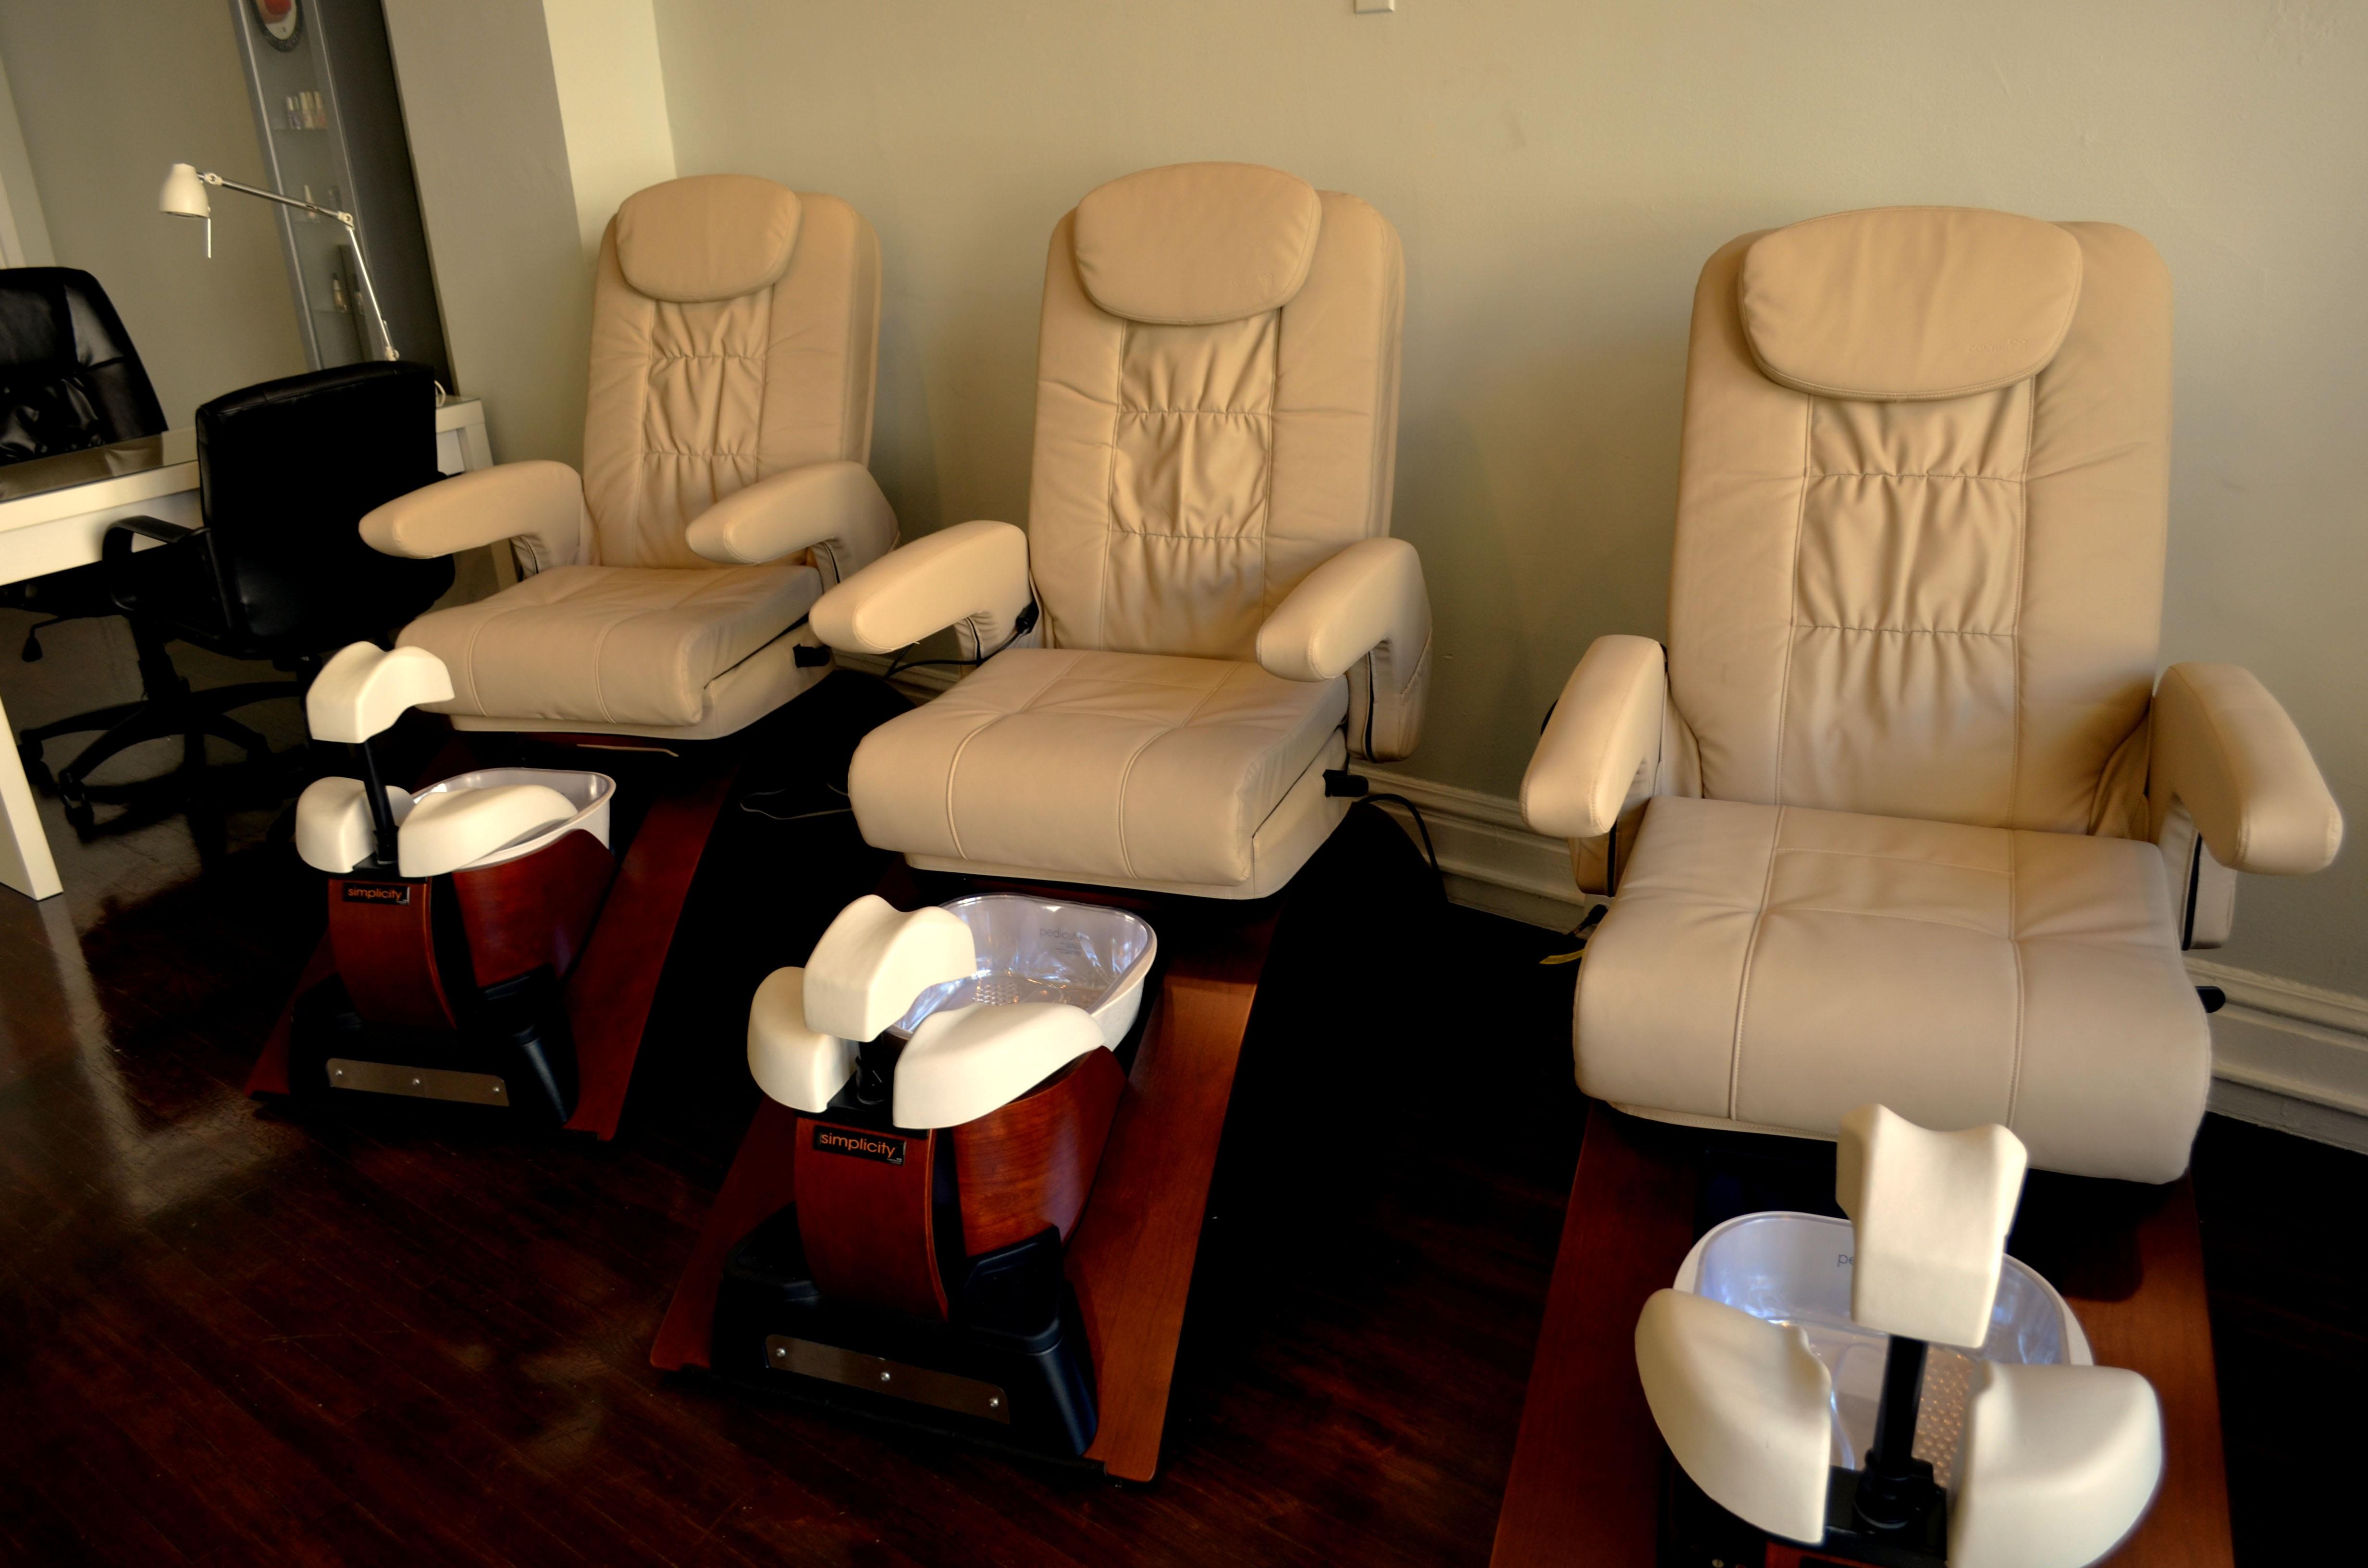 Fotos gratis : silla, sala, mueble, habitación, iluminación, sillas ...